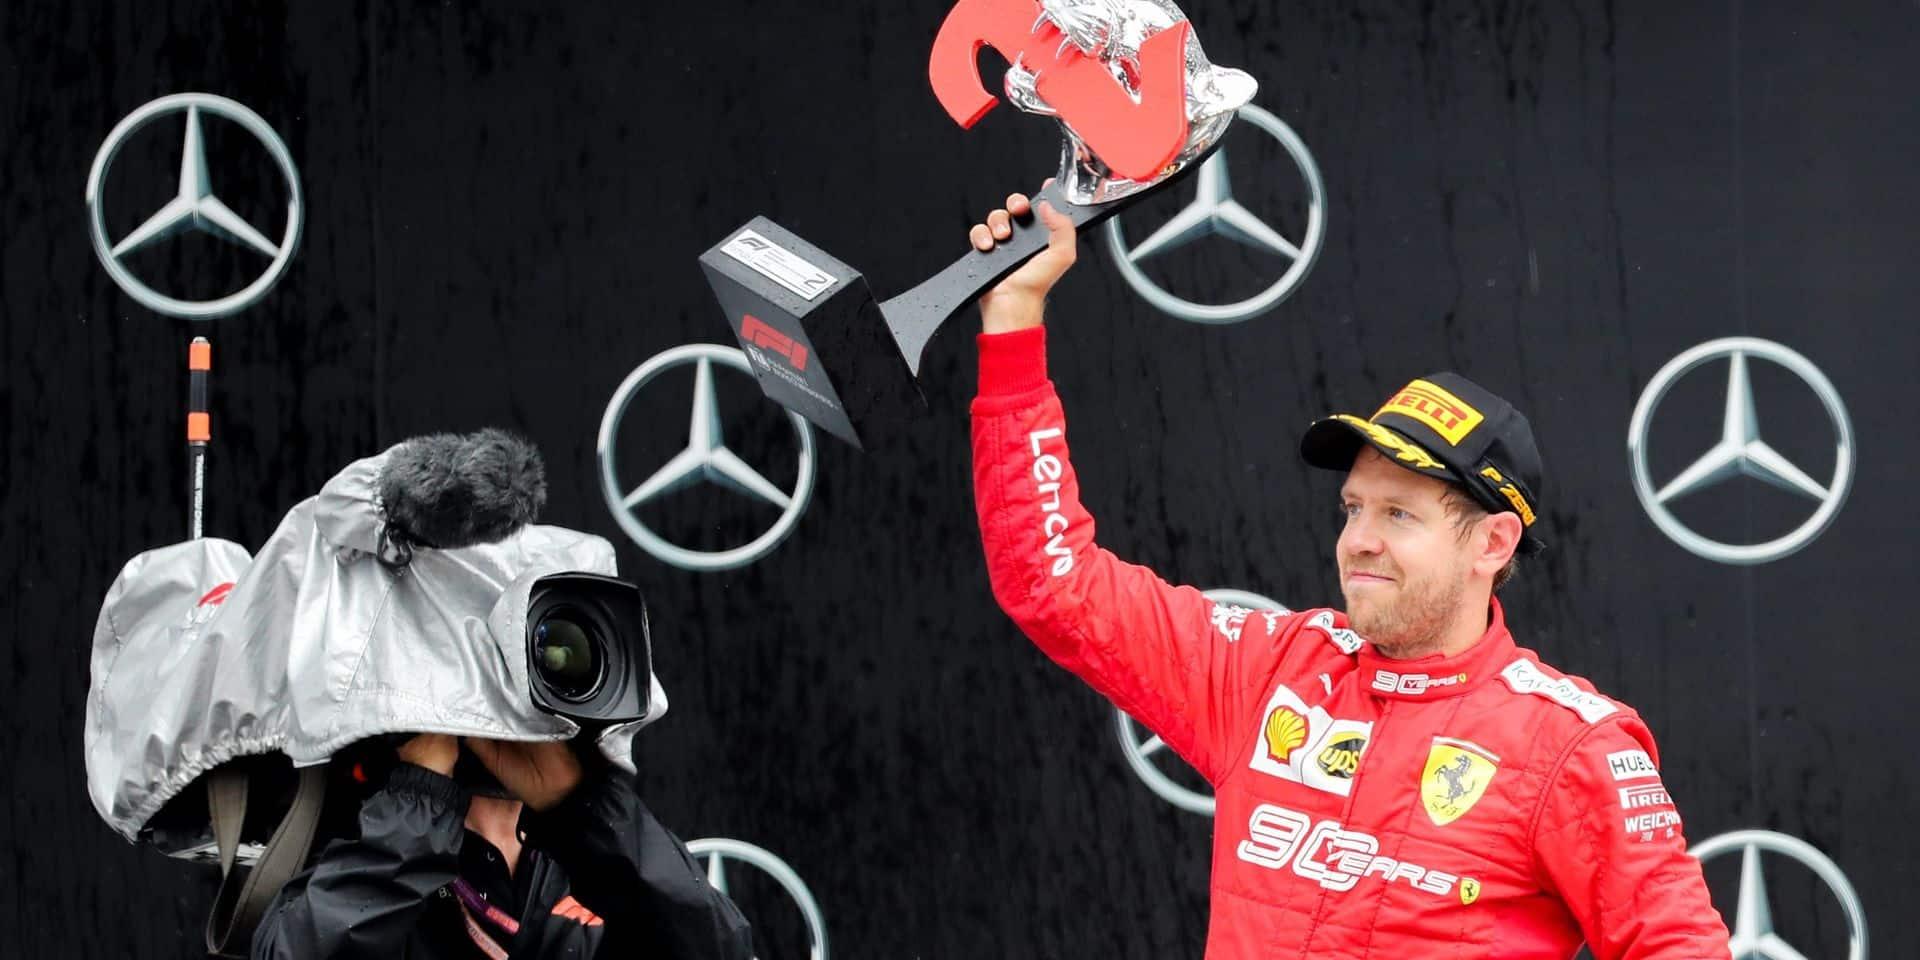 L'avenir de Vettel, son remplaçant: ce qu'implique le départ de l'Allemand de chez Ferrari